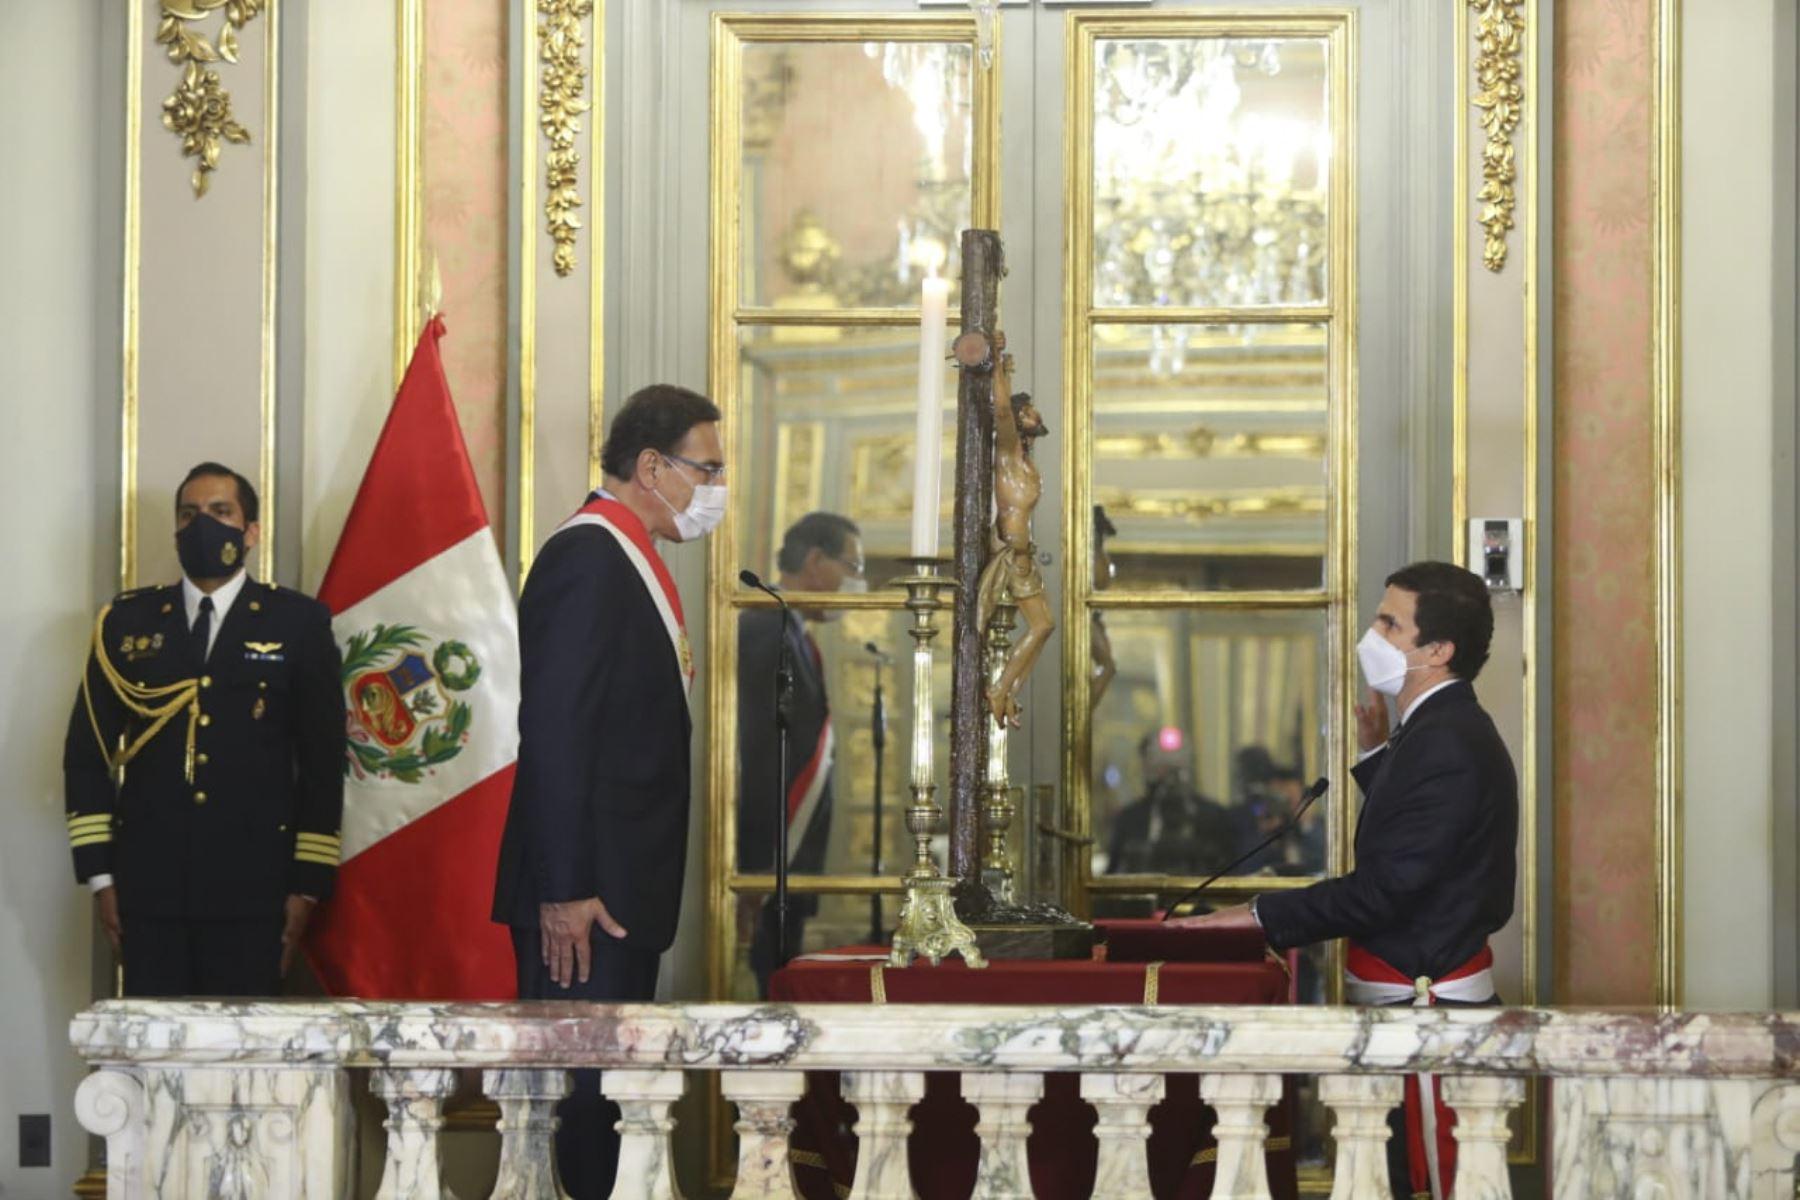 El presidente de la República, Martín Vizcarra, toma juramento a Luis Inchaústegui Zevallos como ministro de energía y minas. Foto: ANDINA/ Prensa Presidencia